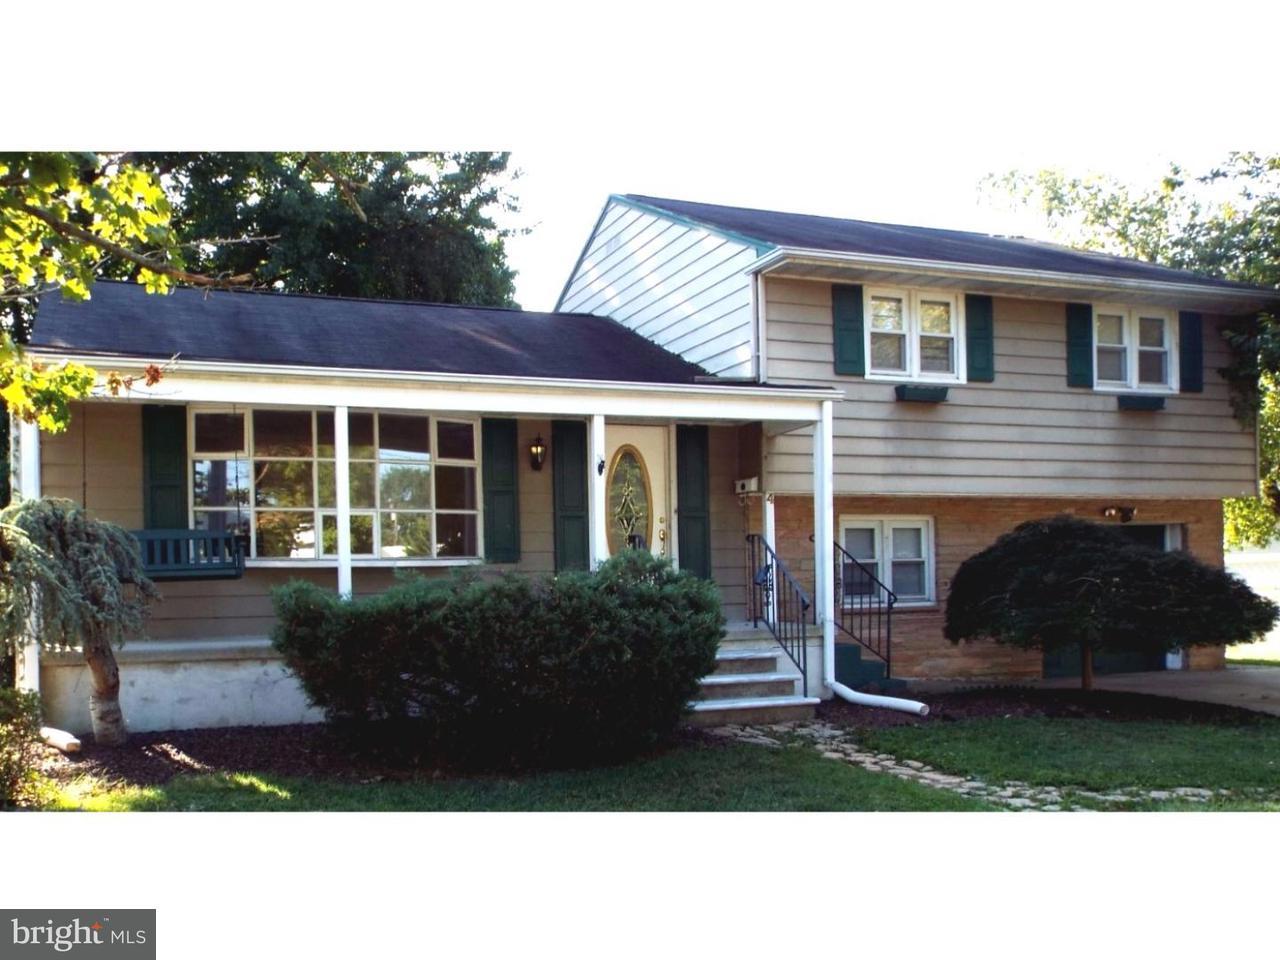 Casa Unifamiliar por un Alquiler en 4 ROSLYN Road Hamilton, Nueva Jersey 08610 Estados UnidosEn/Alrededor: Hamilton Township